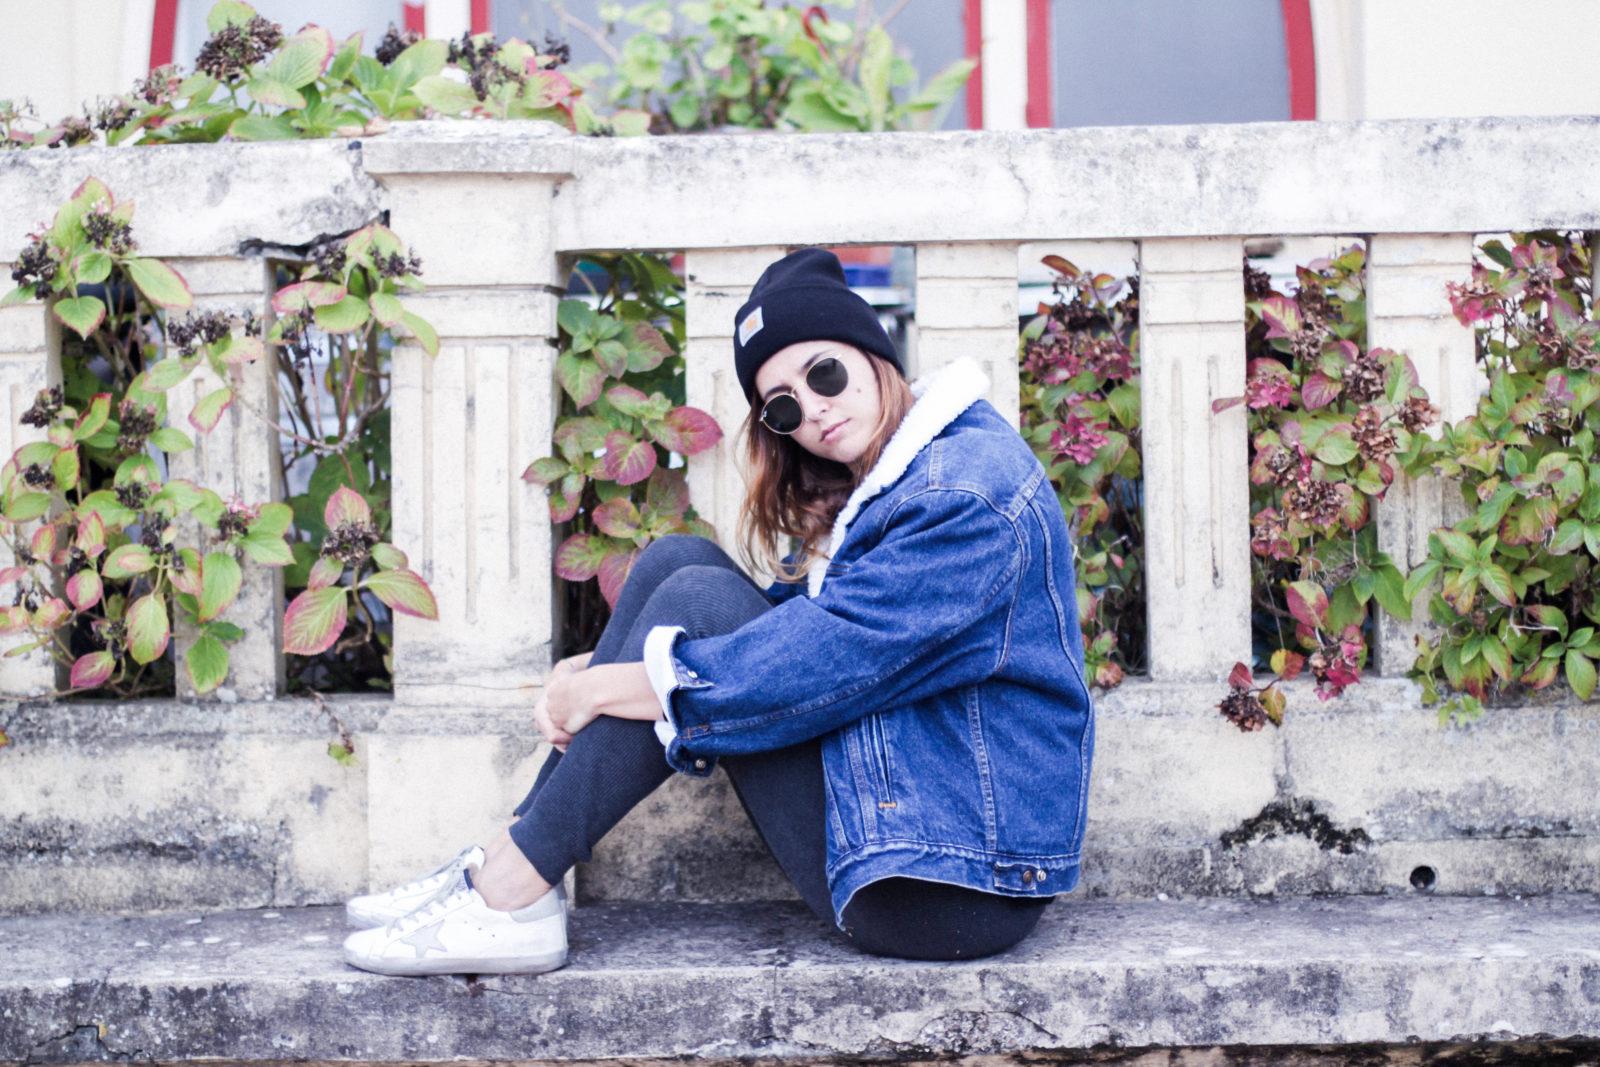 cazadora_vaquera_de_borreguillo_levis_vintage_golden_goose_gorrito_beanie_tendencias_2016_fall_trends_street_style_choker_donkeycool-8